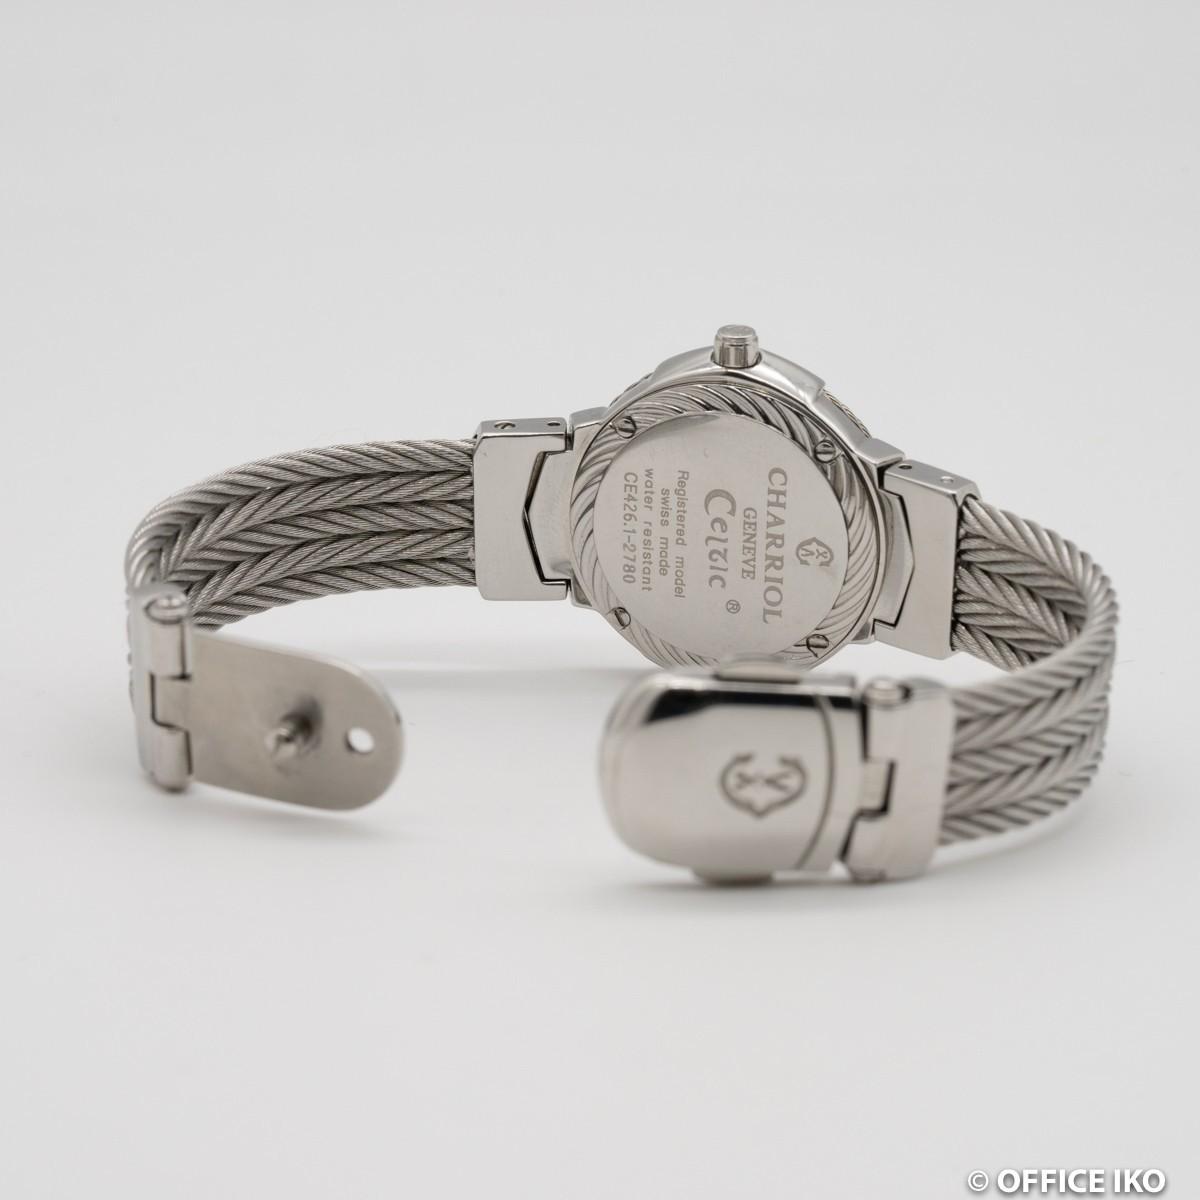 質イコー [シャリオール] CHARRIOL 腕時計 ケルテック シェル CE426 ダイヤ12P クオーツ レディース 中古 良品_画像6